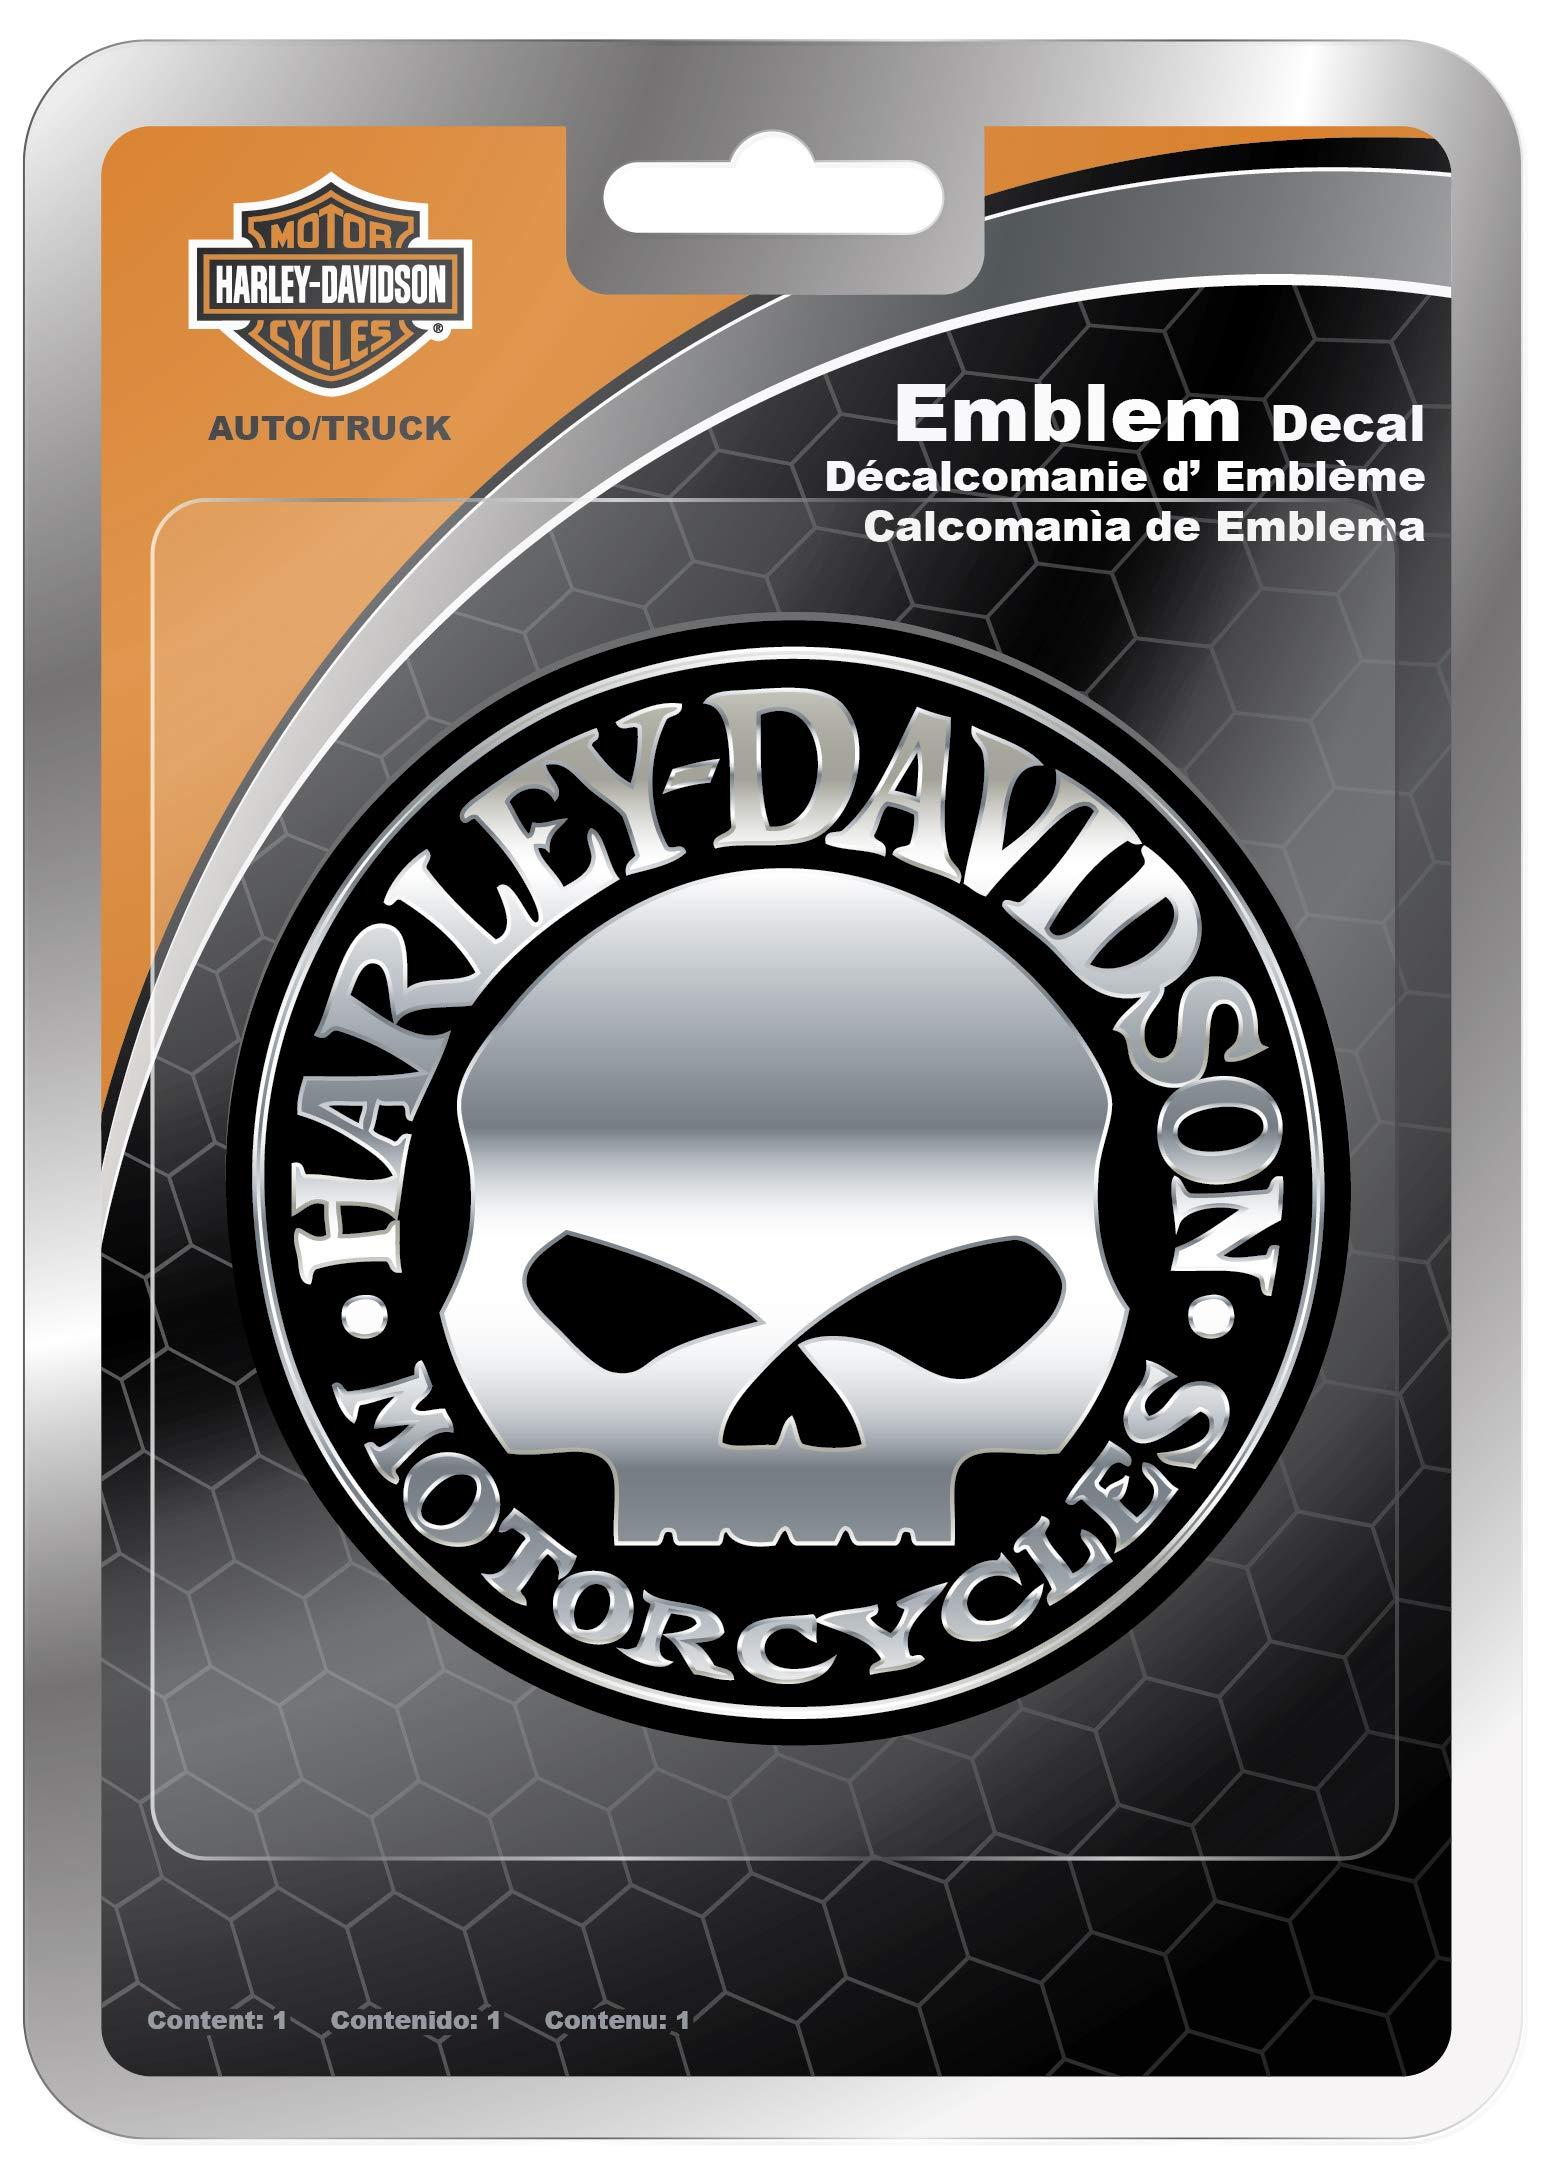 Chroma 009113 Harley-Davidson Skull Chrome ABS Decal, 1 Pack